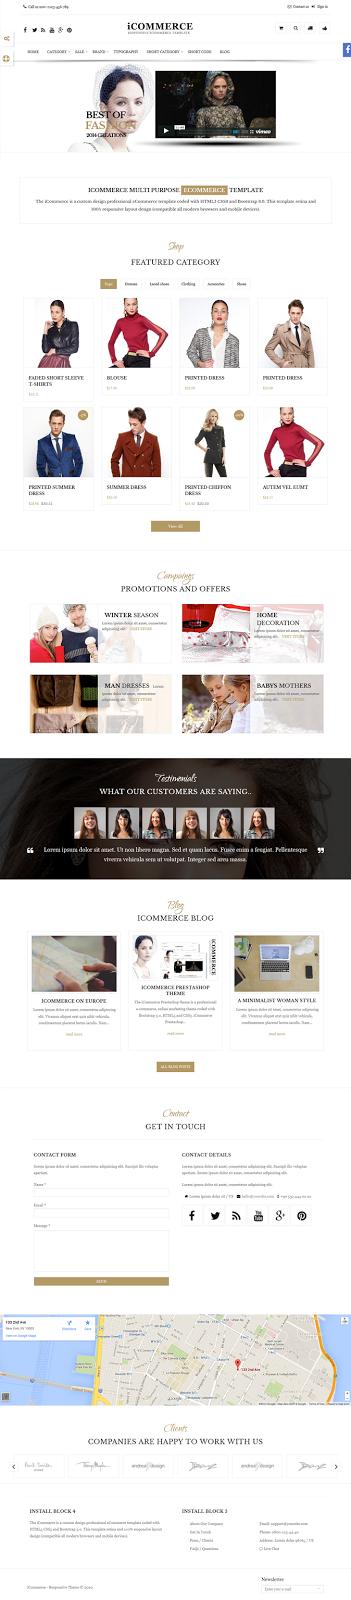 eCommerce Responsive Theme